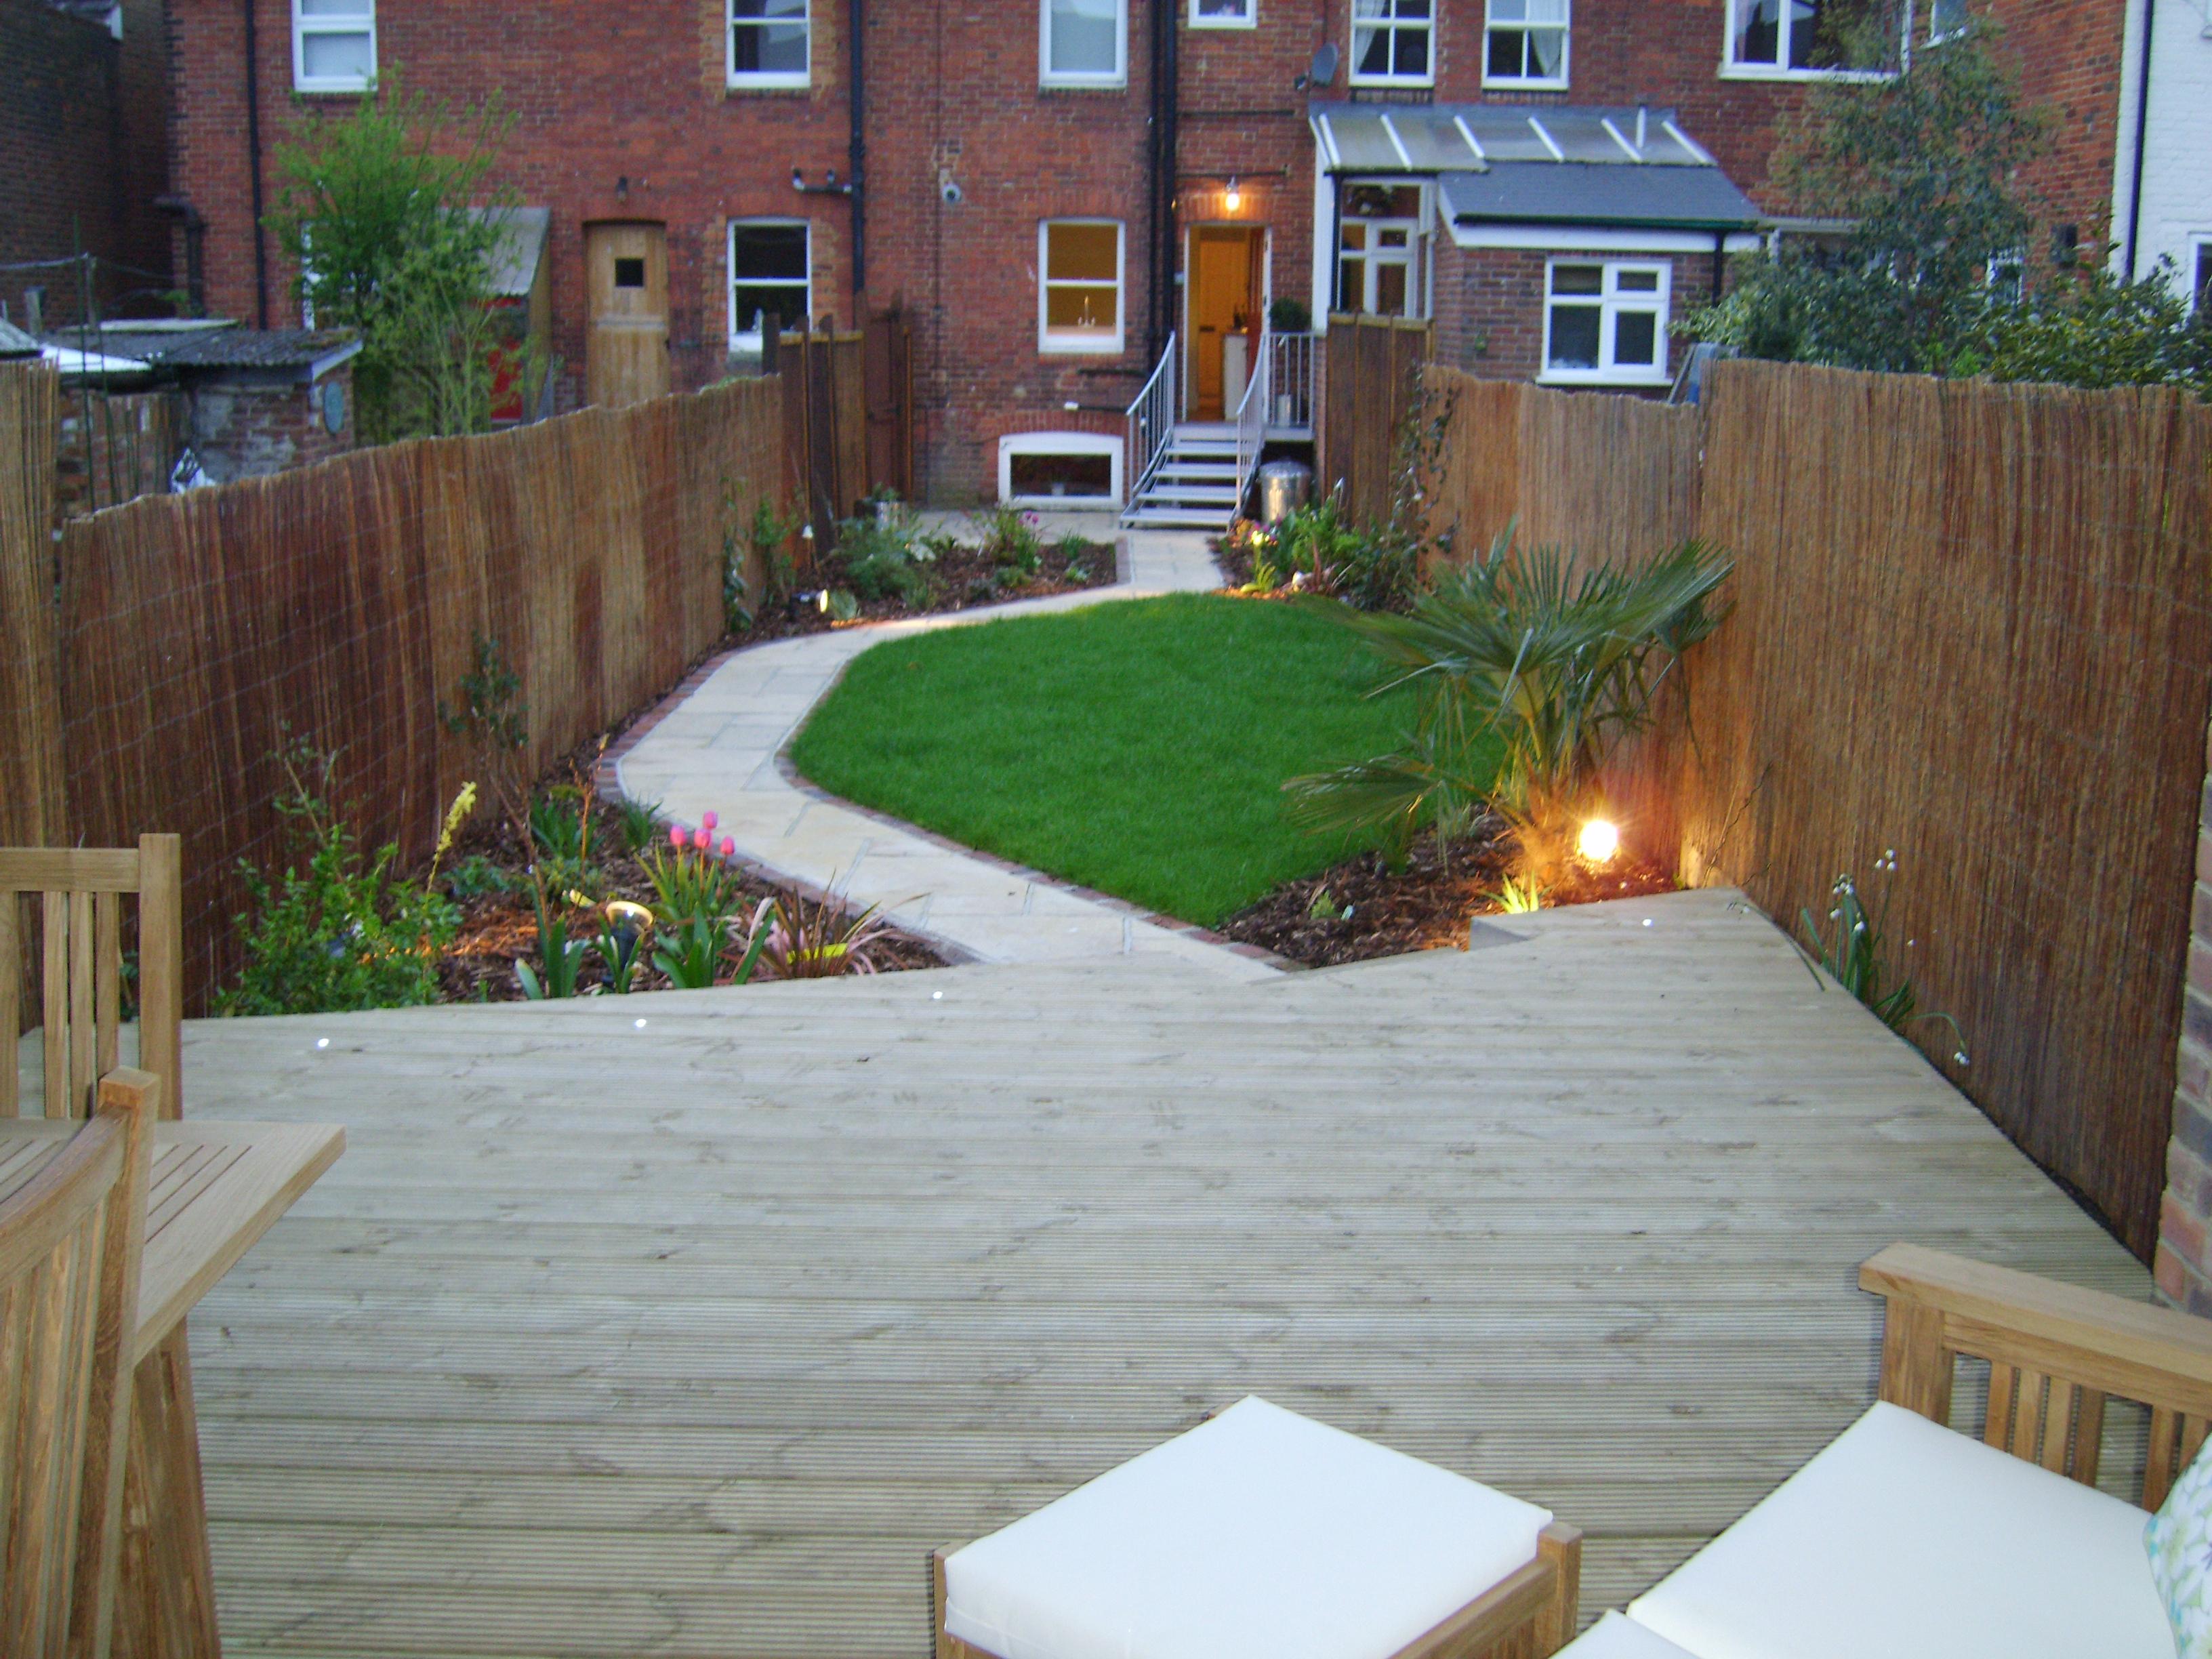 Garden Design Long Narrow long thin gardens on pinterest narrow garden garden design and